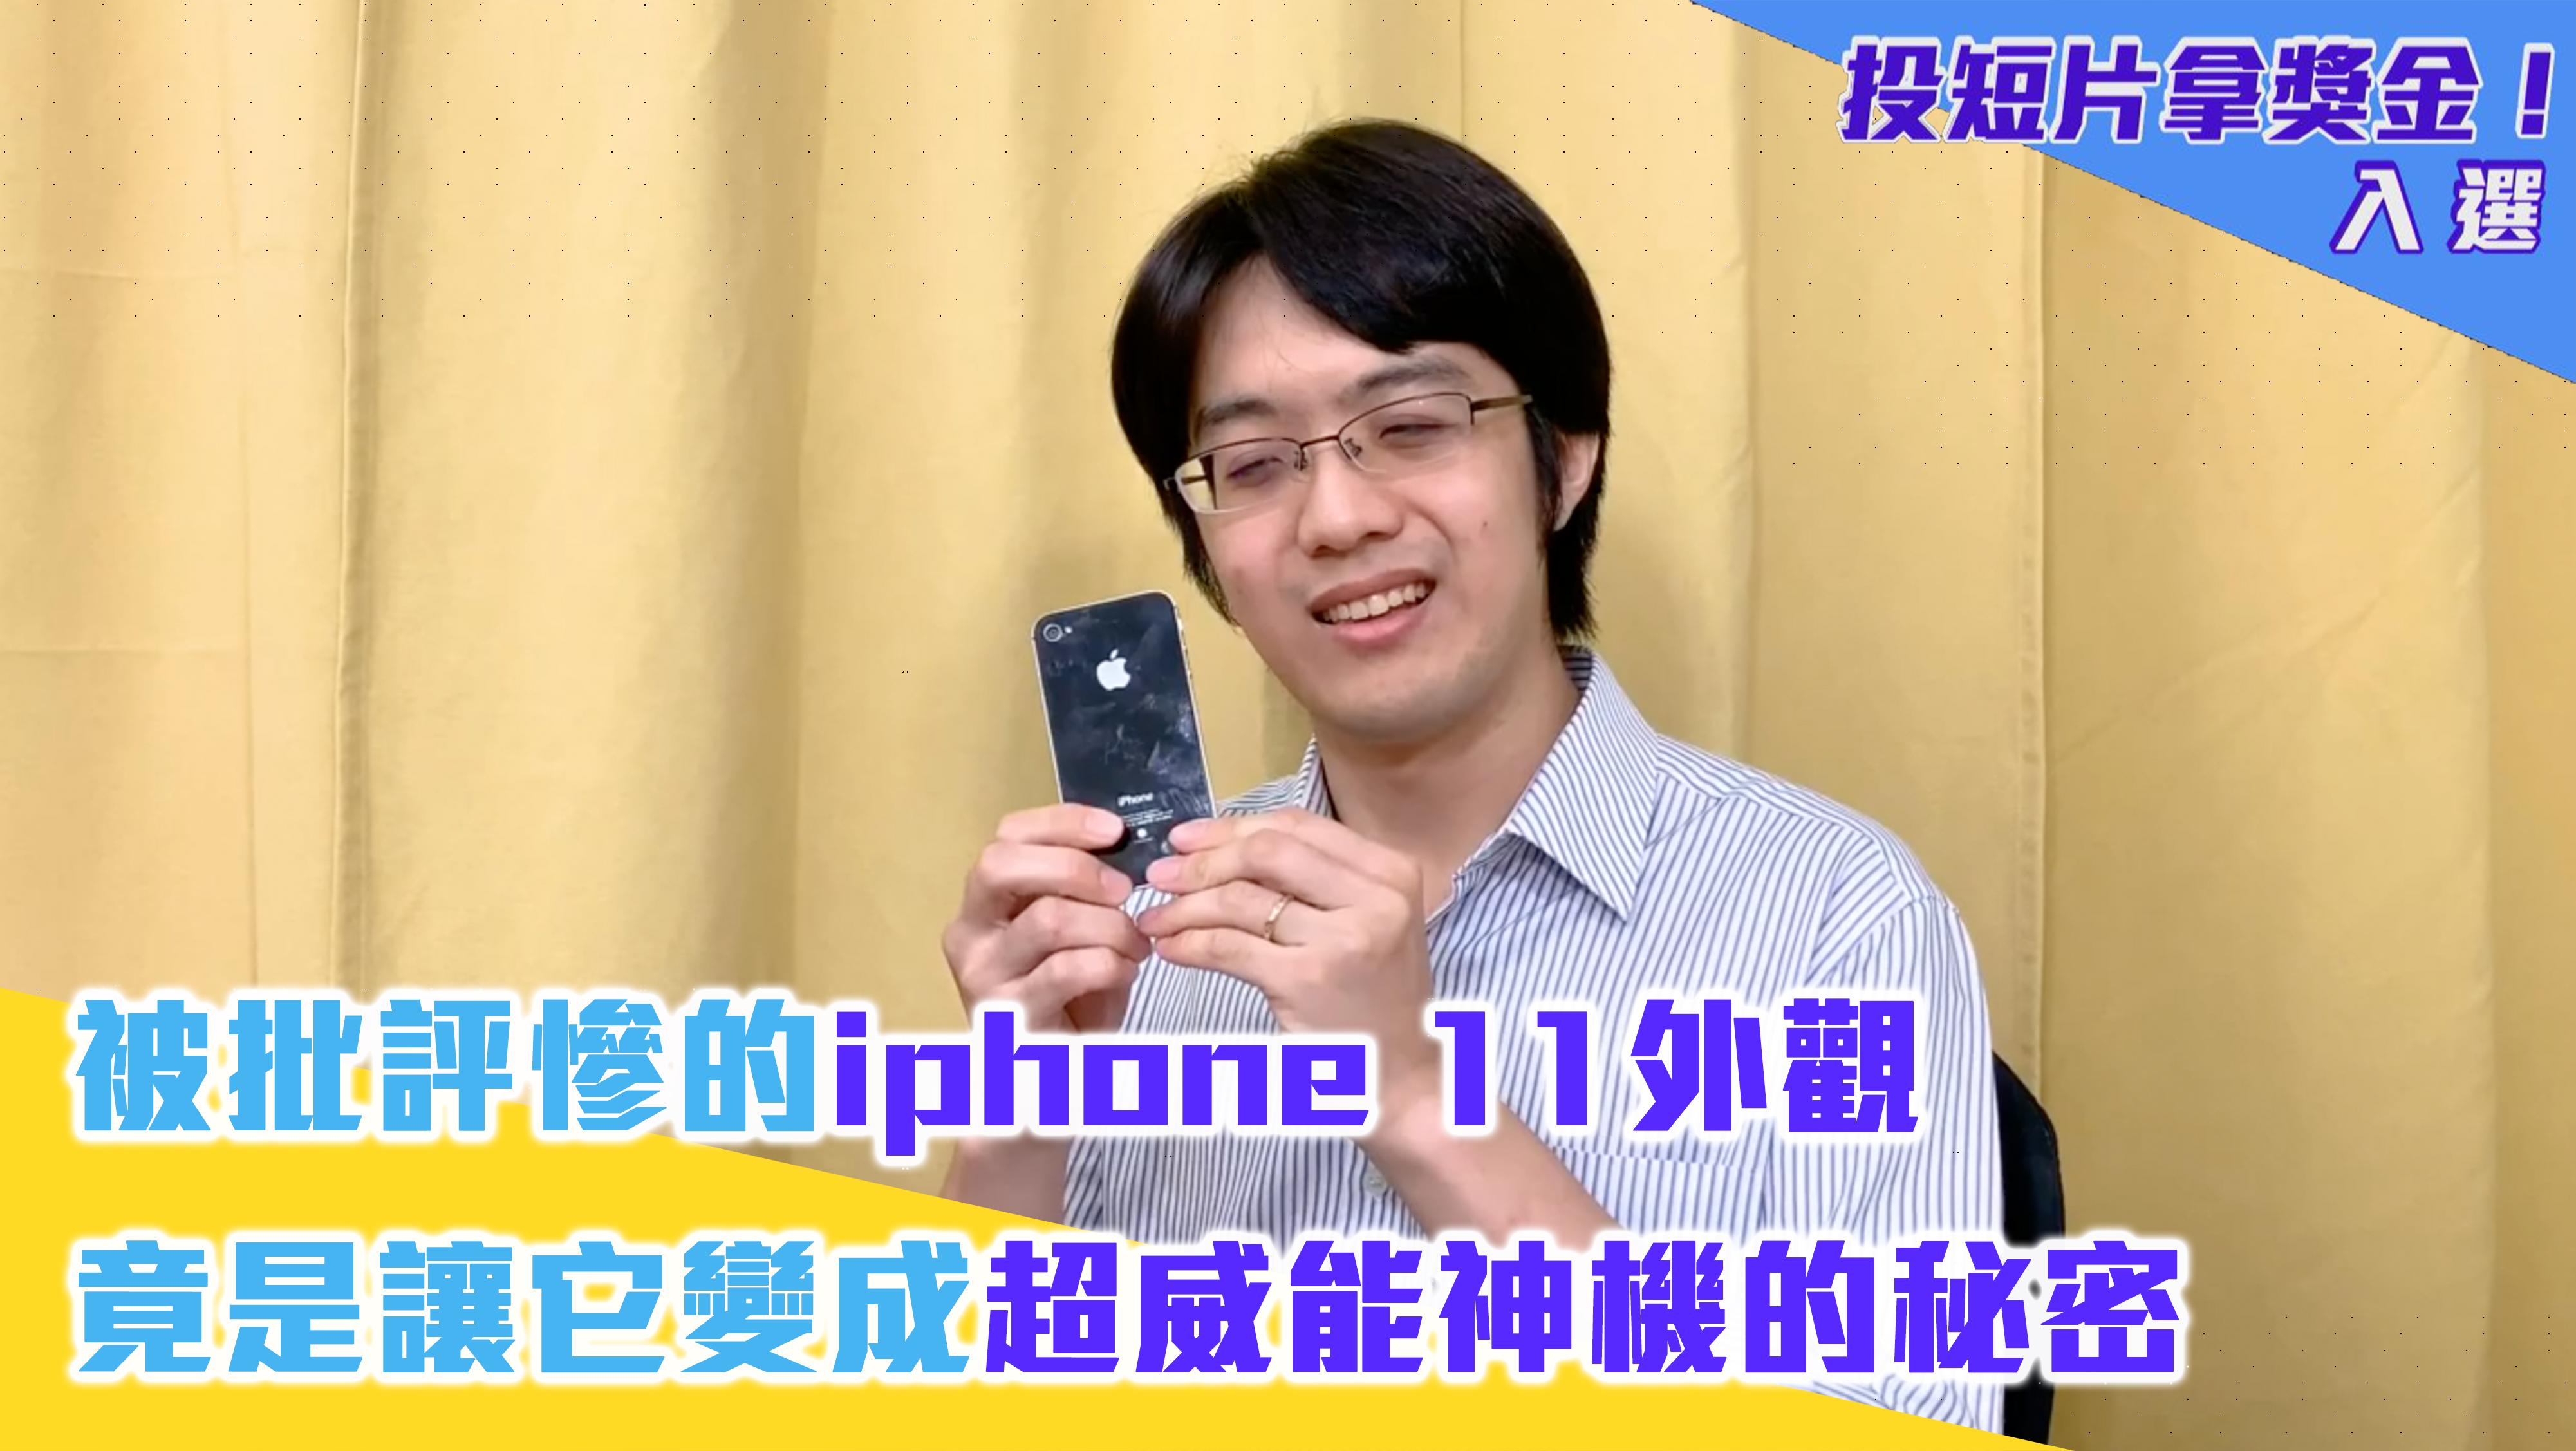 被批評慘的iphone 11外觀大秘密 竟讓它變成超威能神機